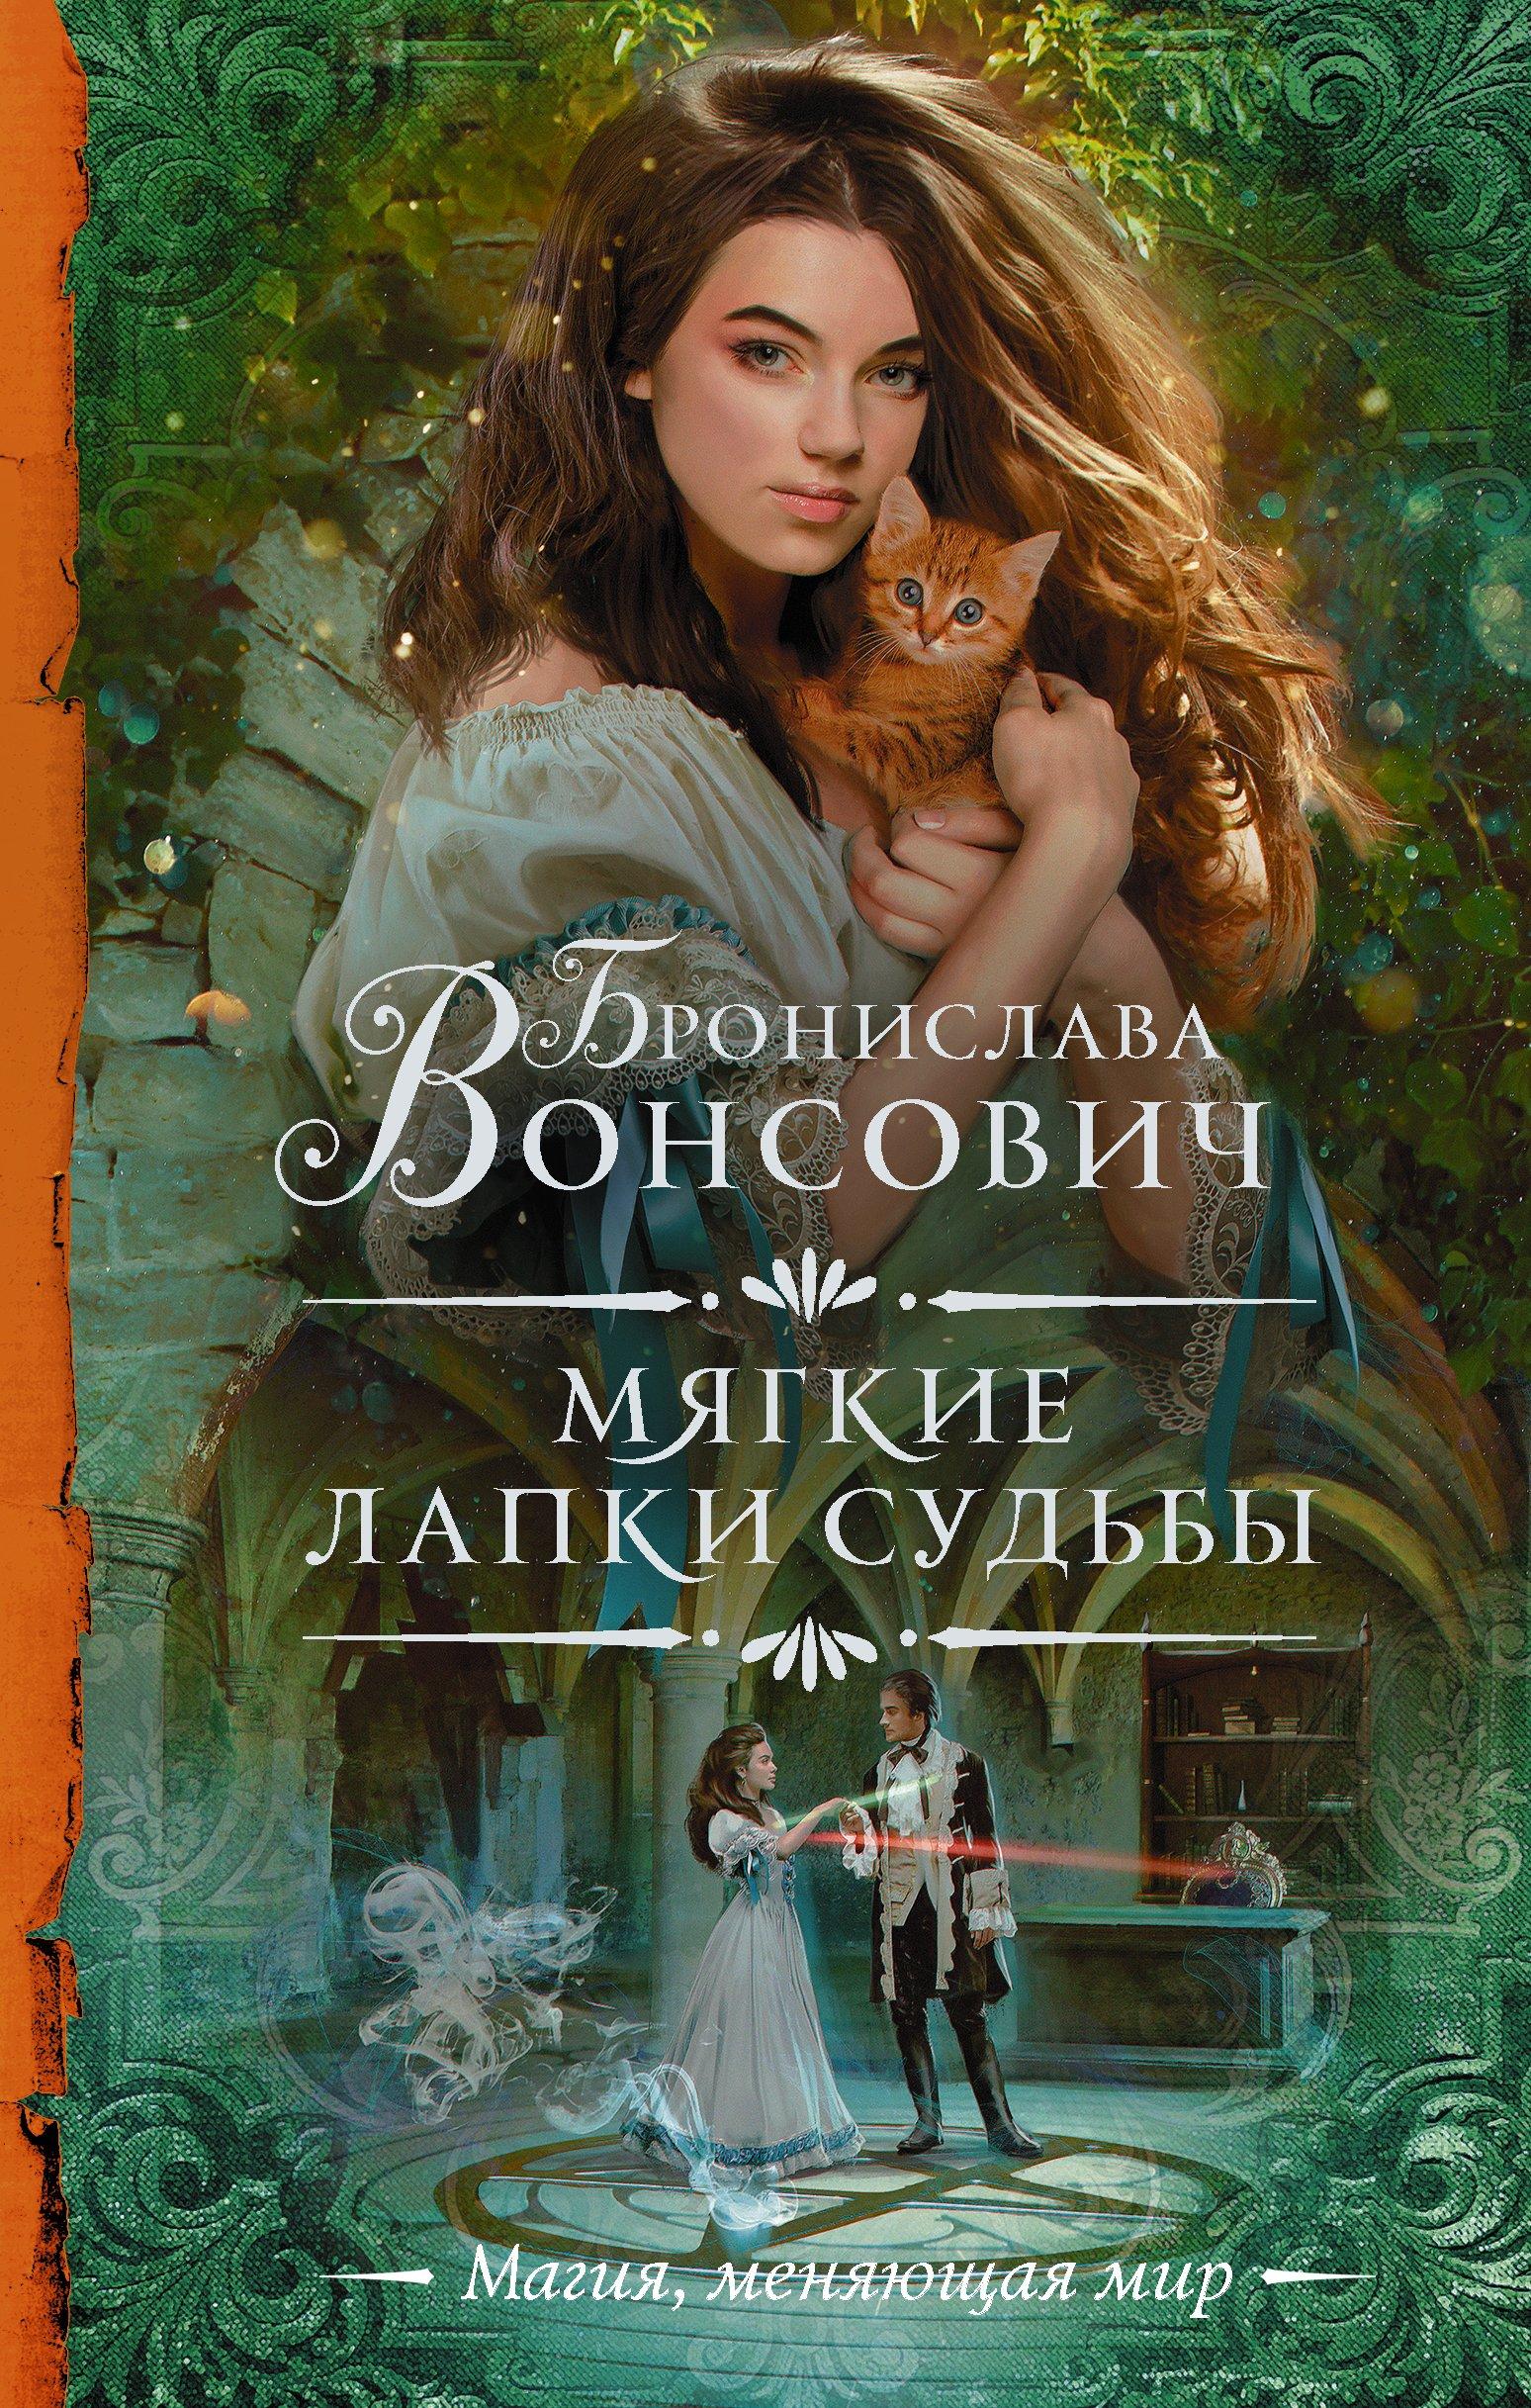 Купить книгу Мягкие лапки судьбы, автора Брониславы Вонсович